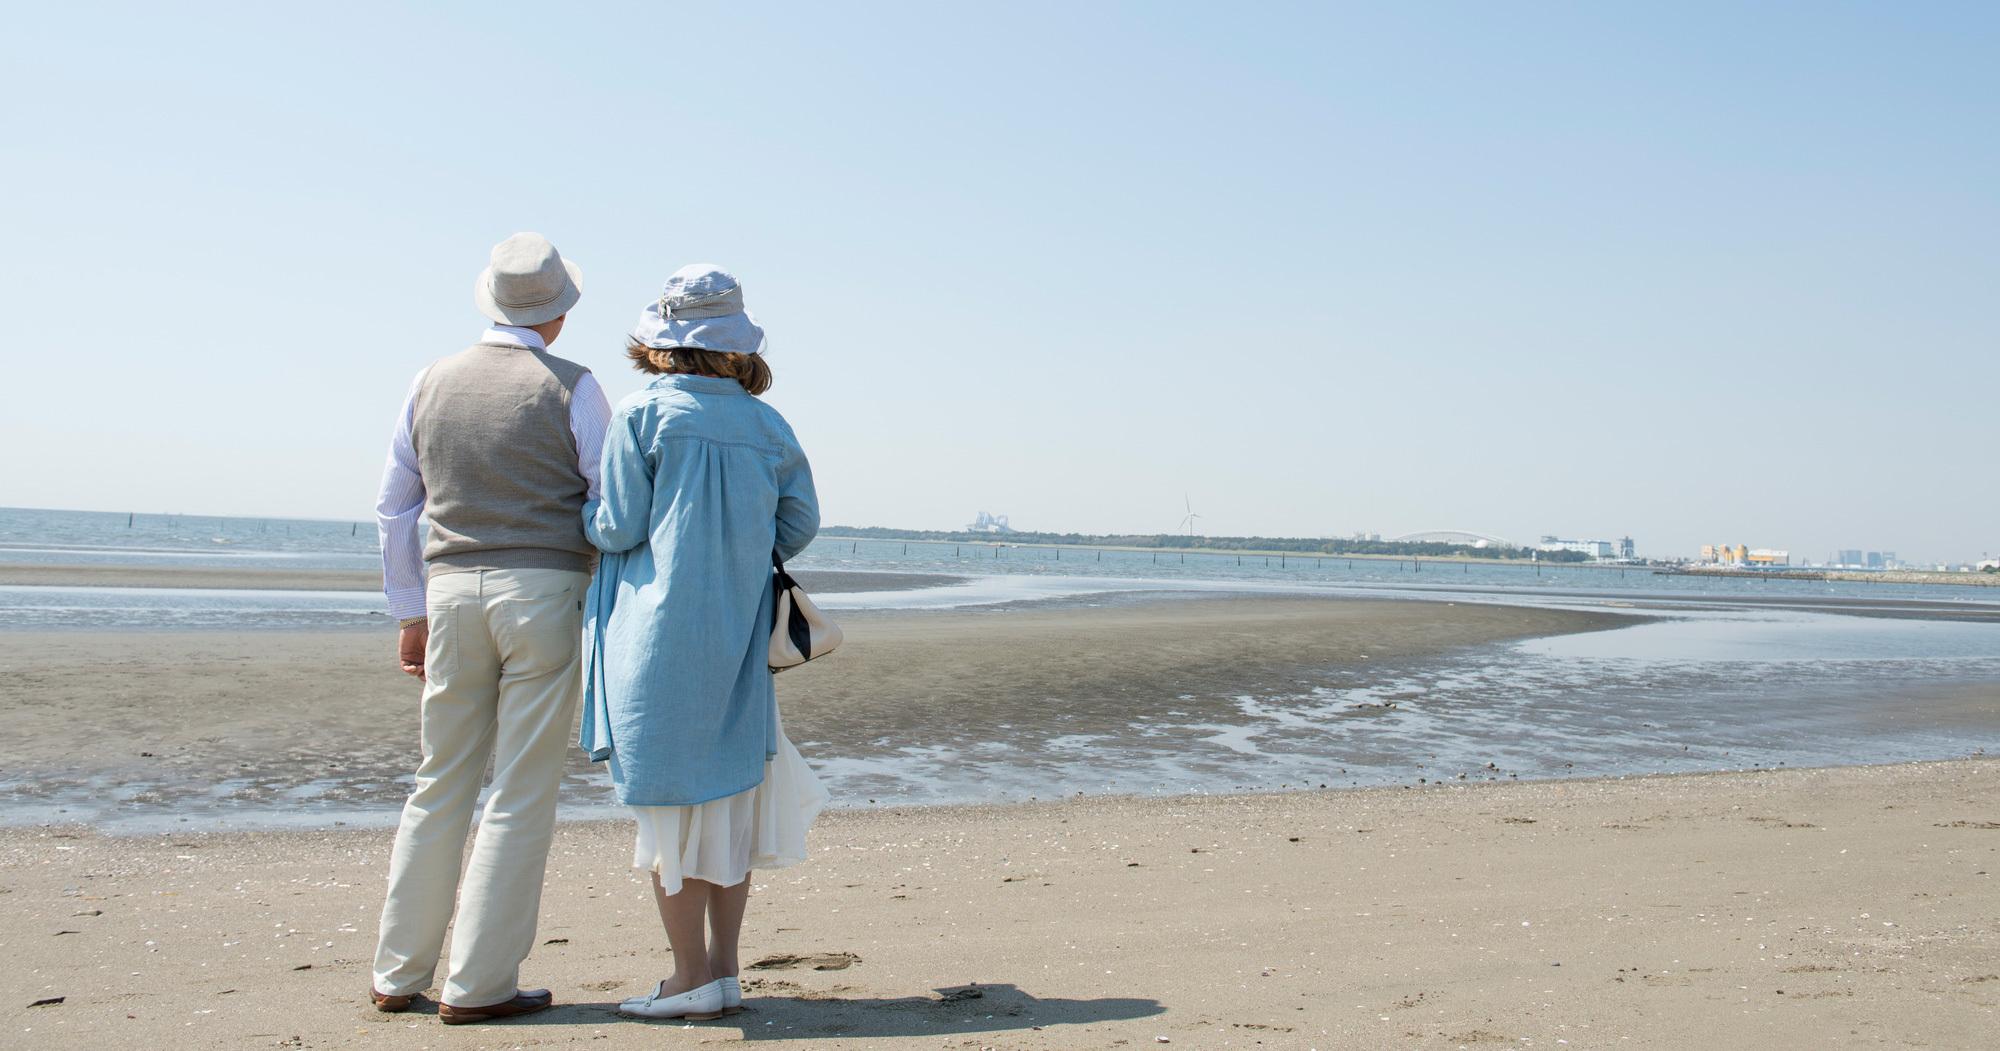 手取り20万円の年金で夫婦の老後は大丈夫か?